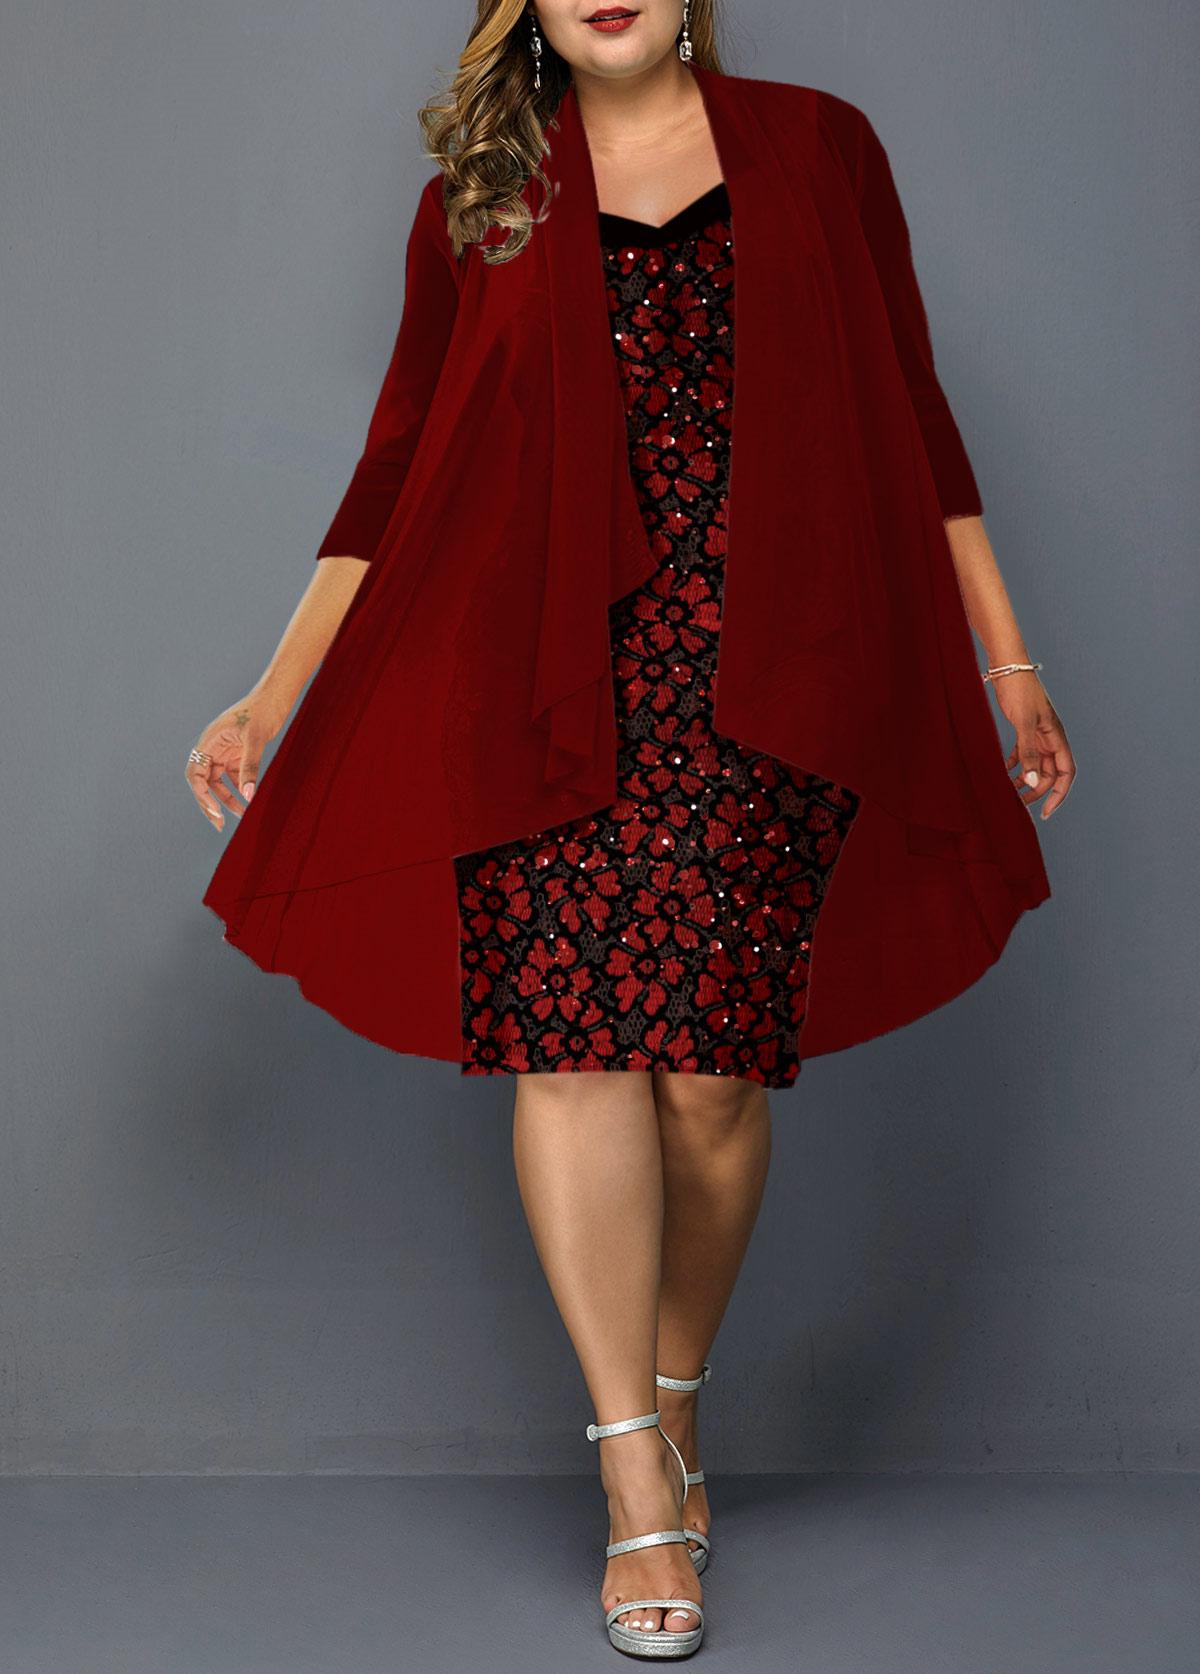 ROTITA Wine Red Plus Size Chiffon Cardigan and Lace Dress